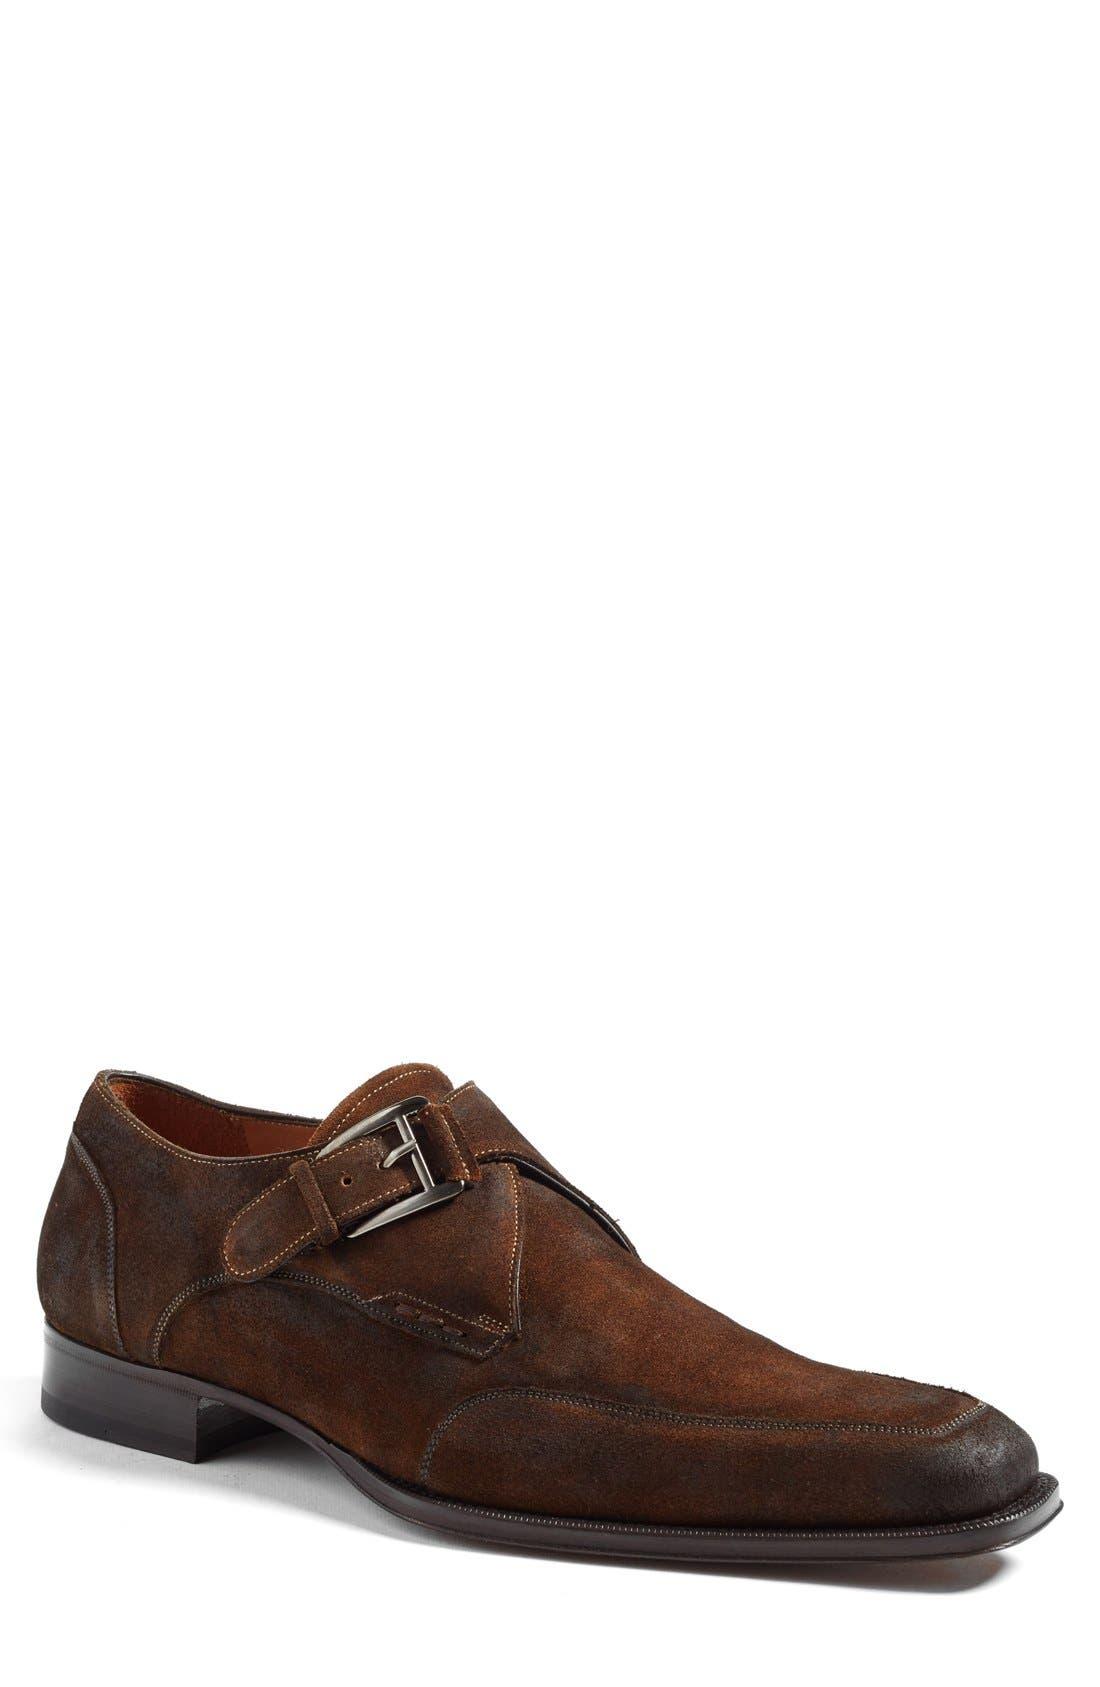 MEZLAN Vanni Monk Shoe